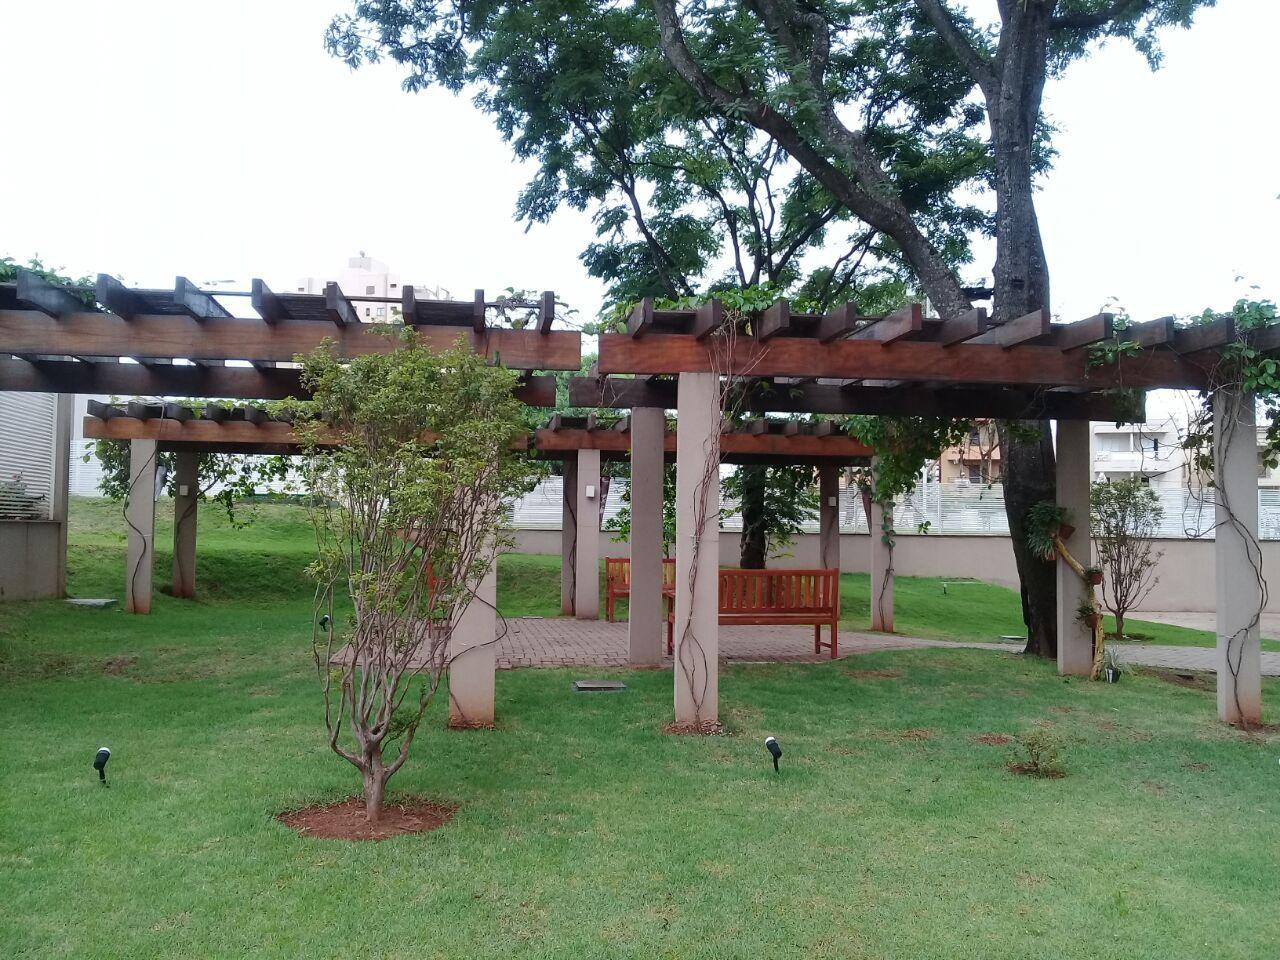 401 - Apto Jardim Botânico 123 m²